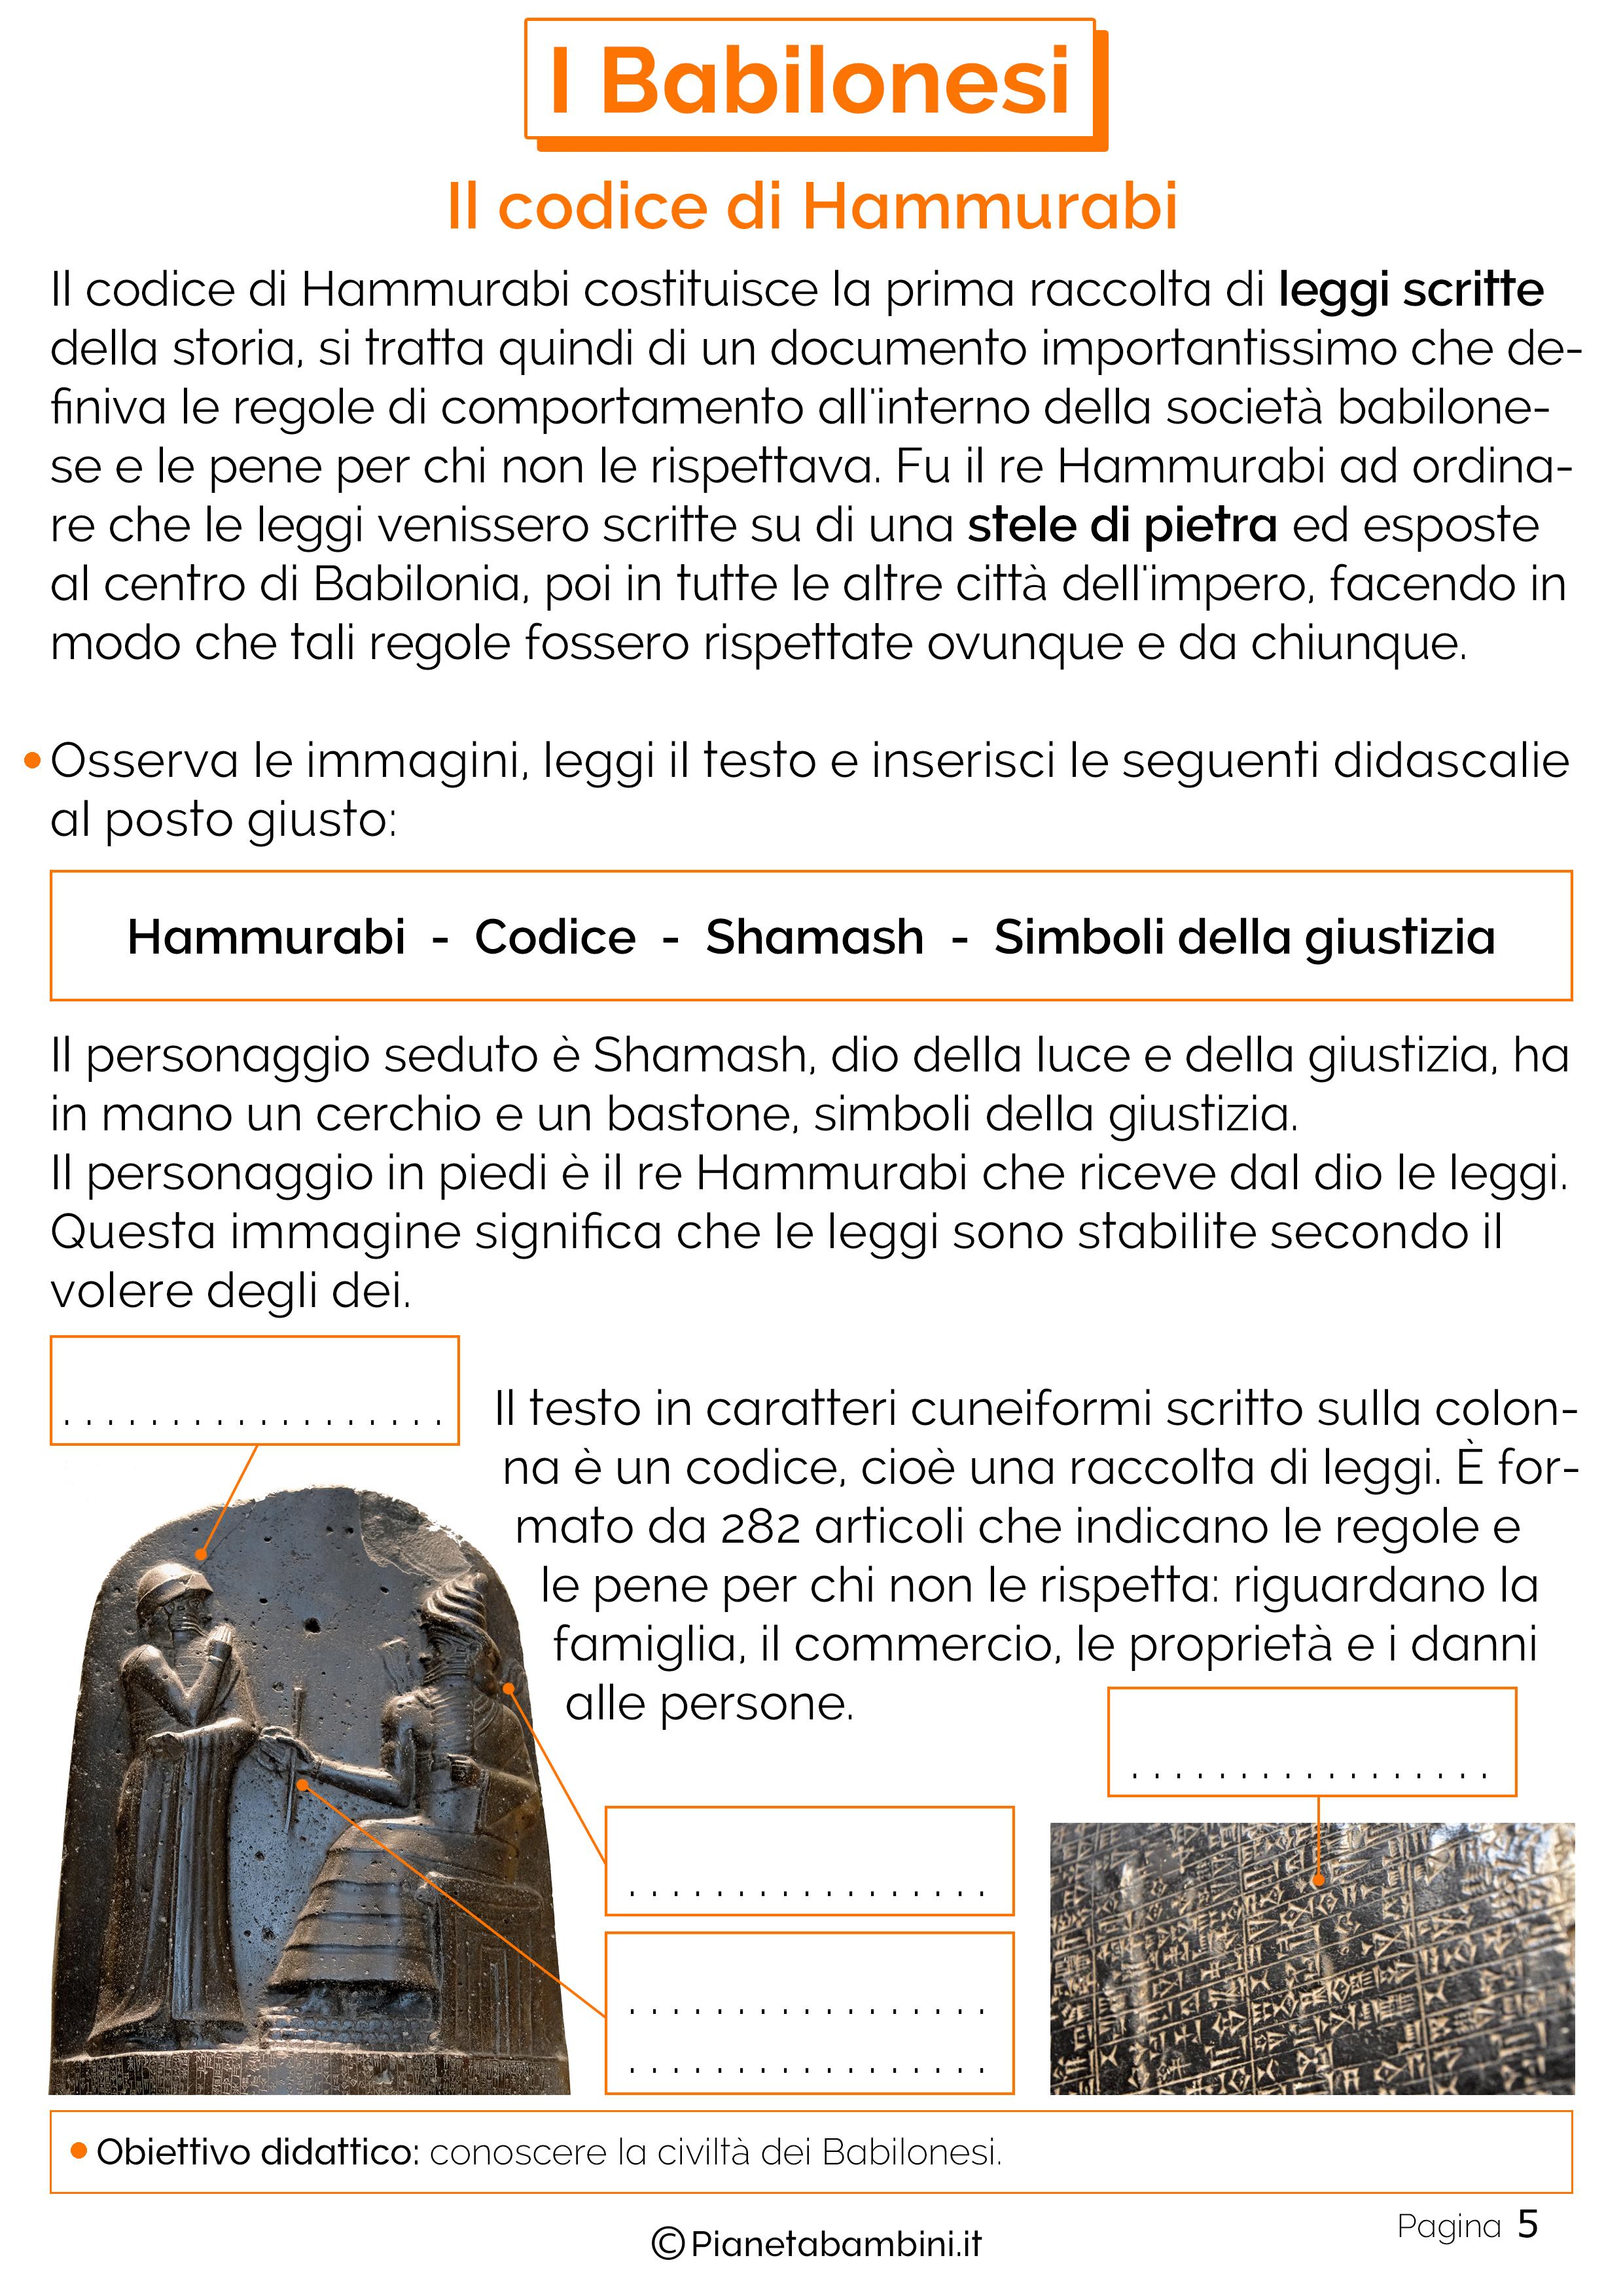 Schede didattiche sul codice di Hammurabi